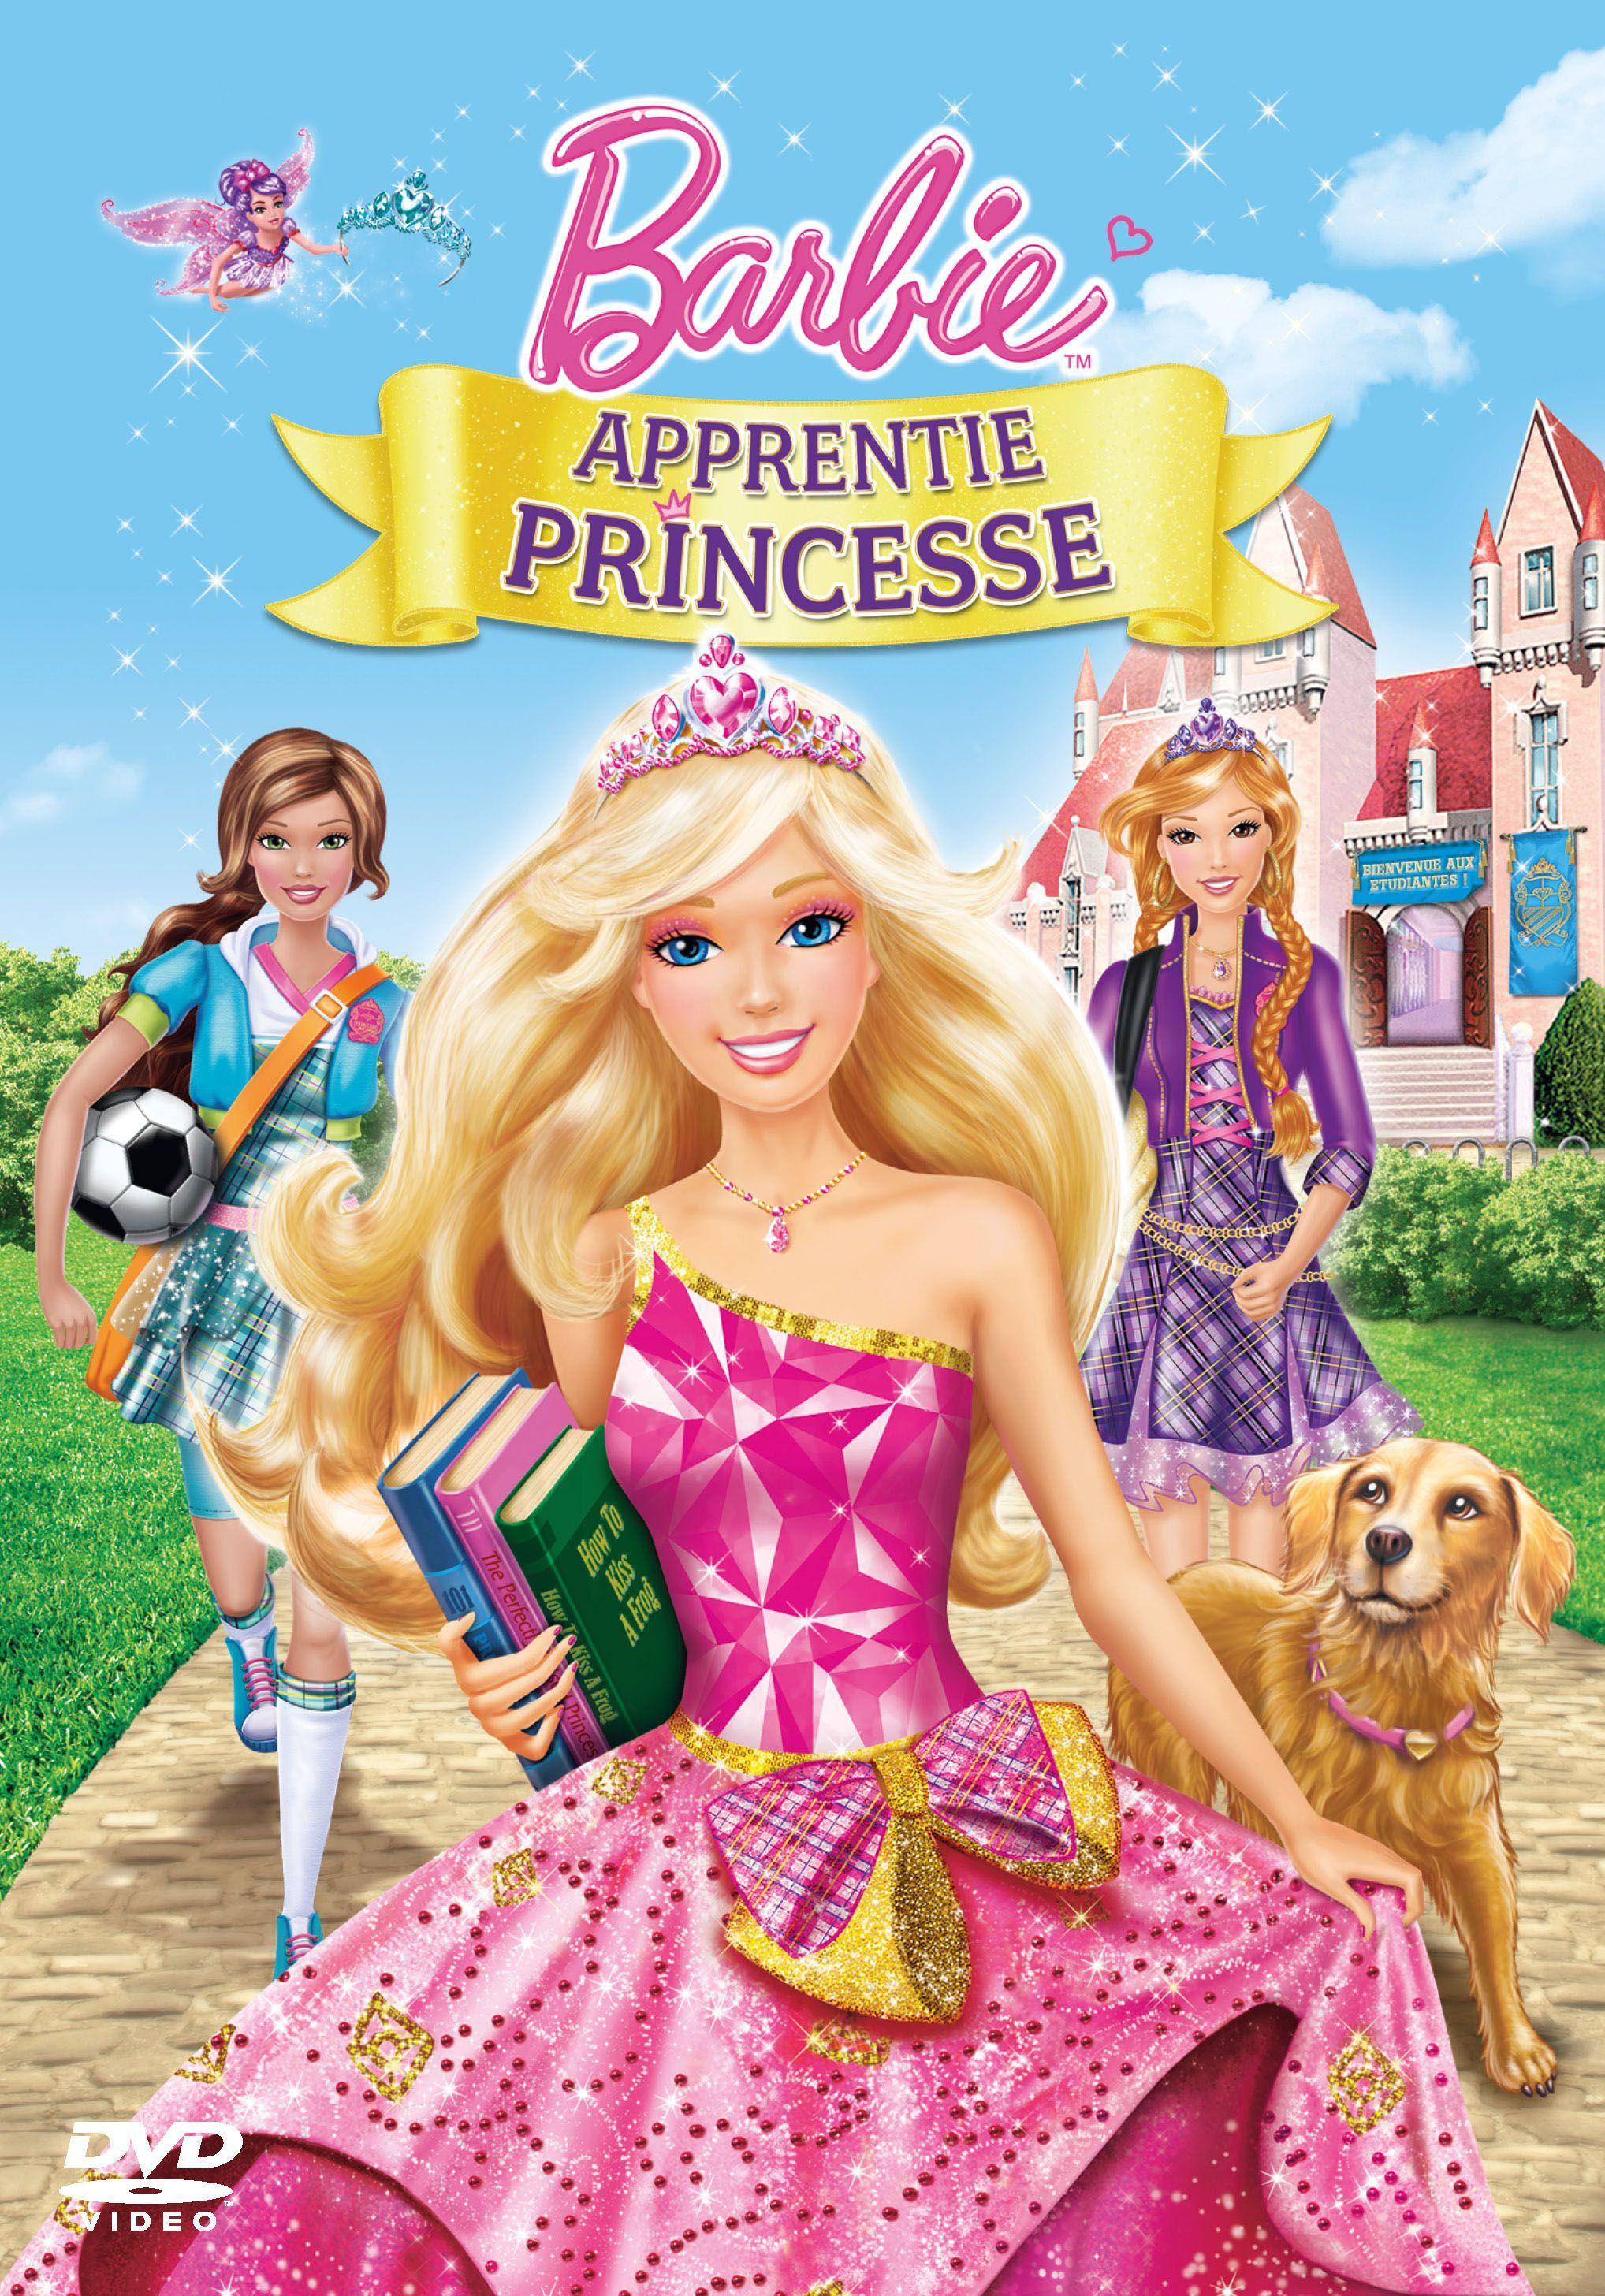 Barbie apprentie princesse long m trage d 39 animation 2011 - Barbie l apprentie princesse ...